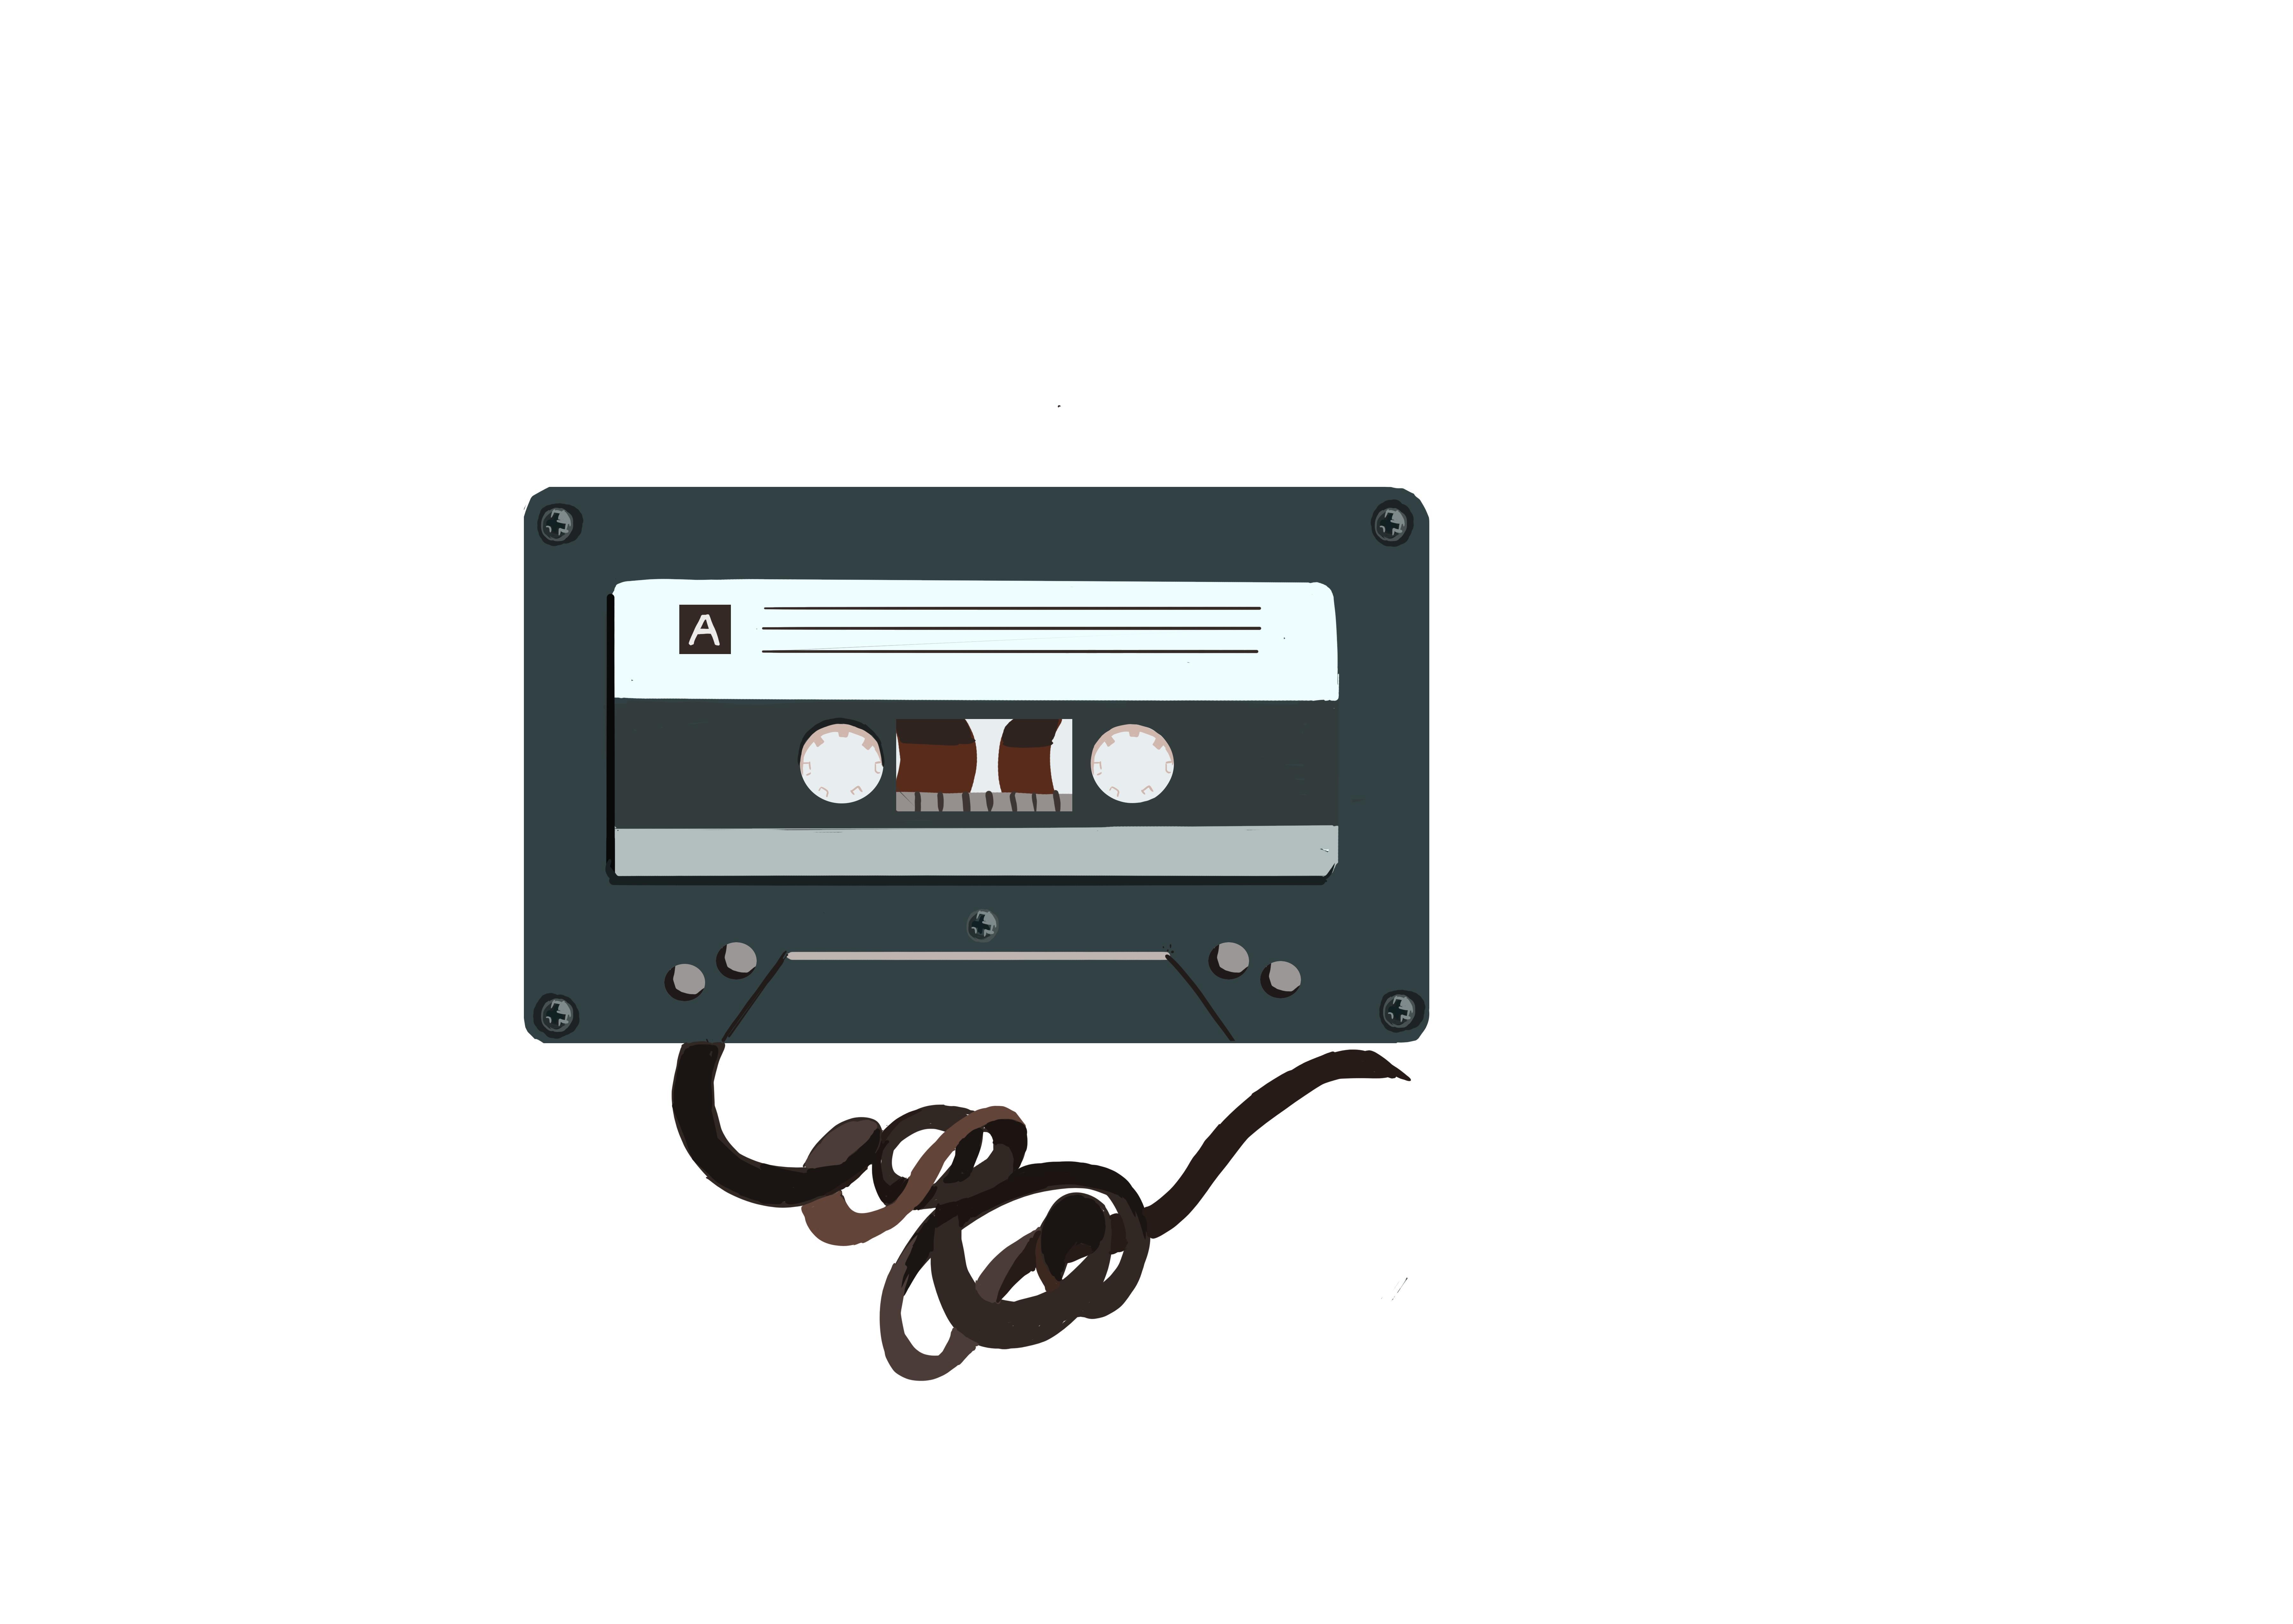 cassett tape unraveled